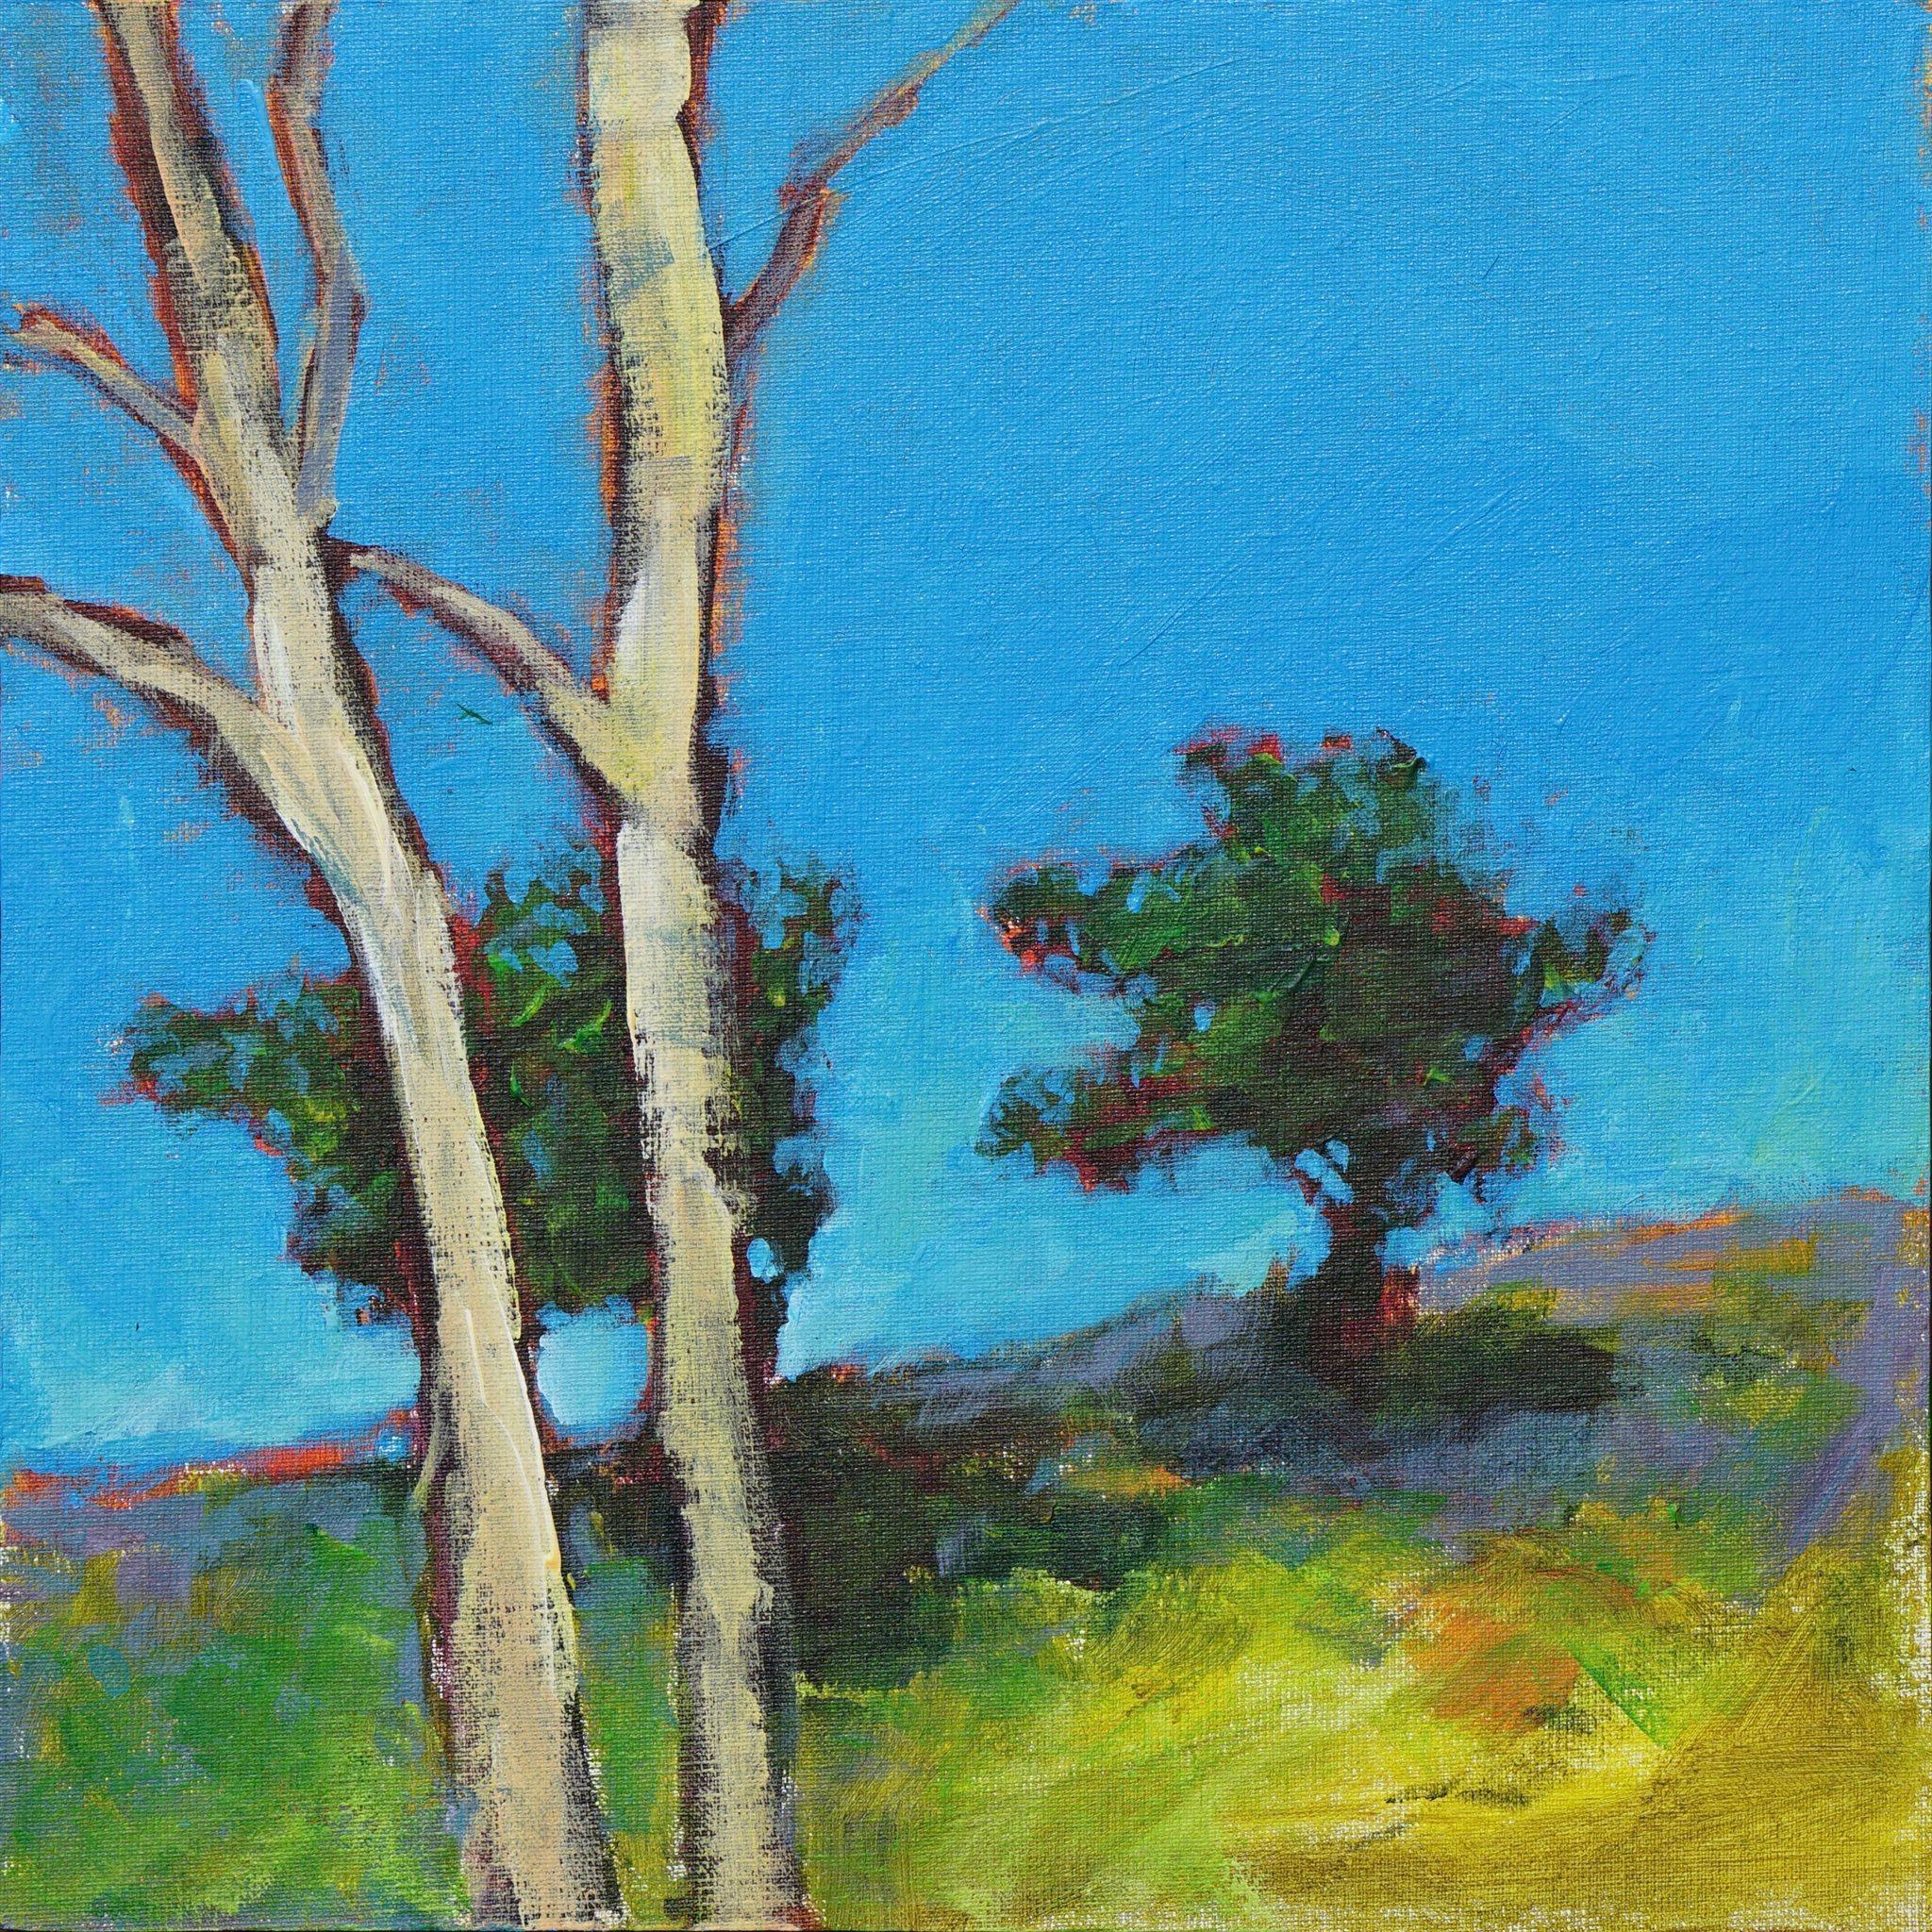 Akryltavla Två träd (315672091) u1408 Köp på Tradera com